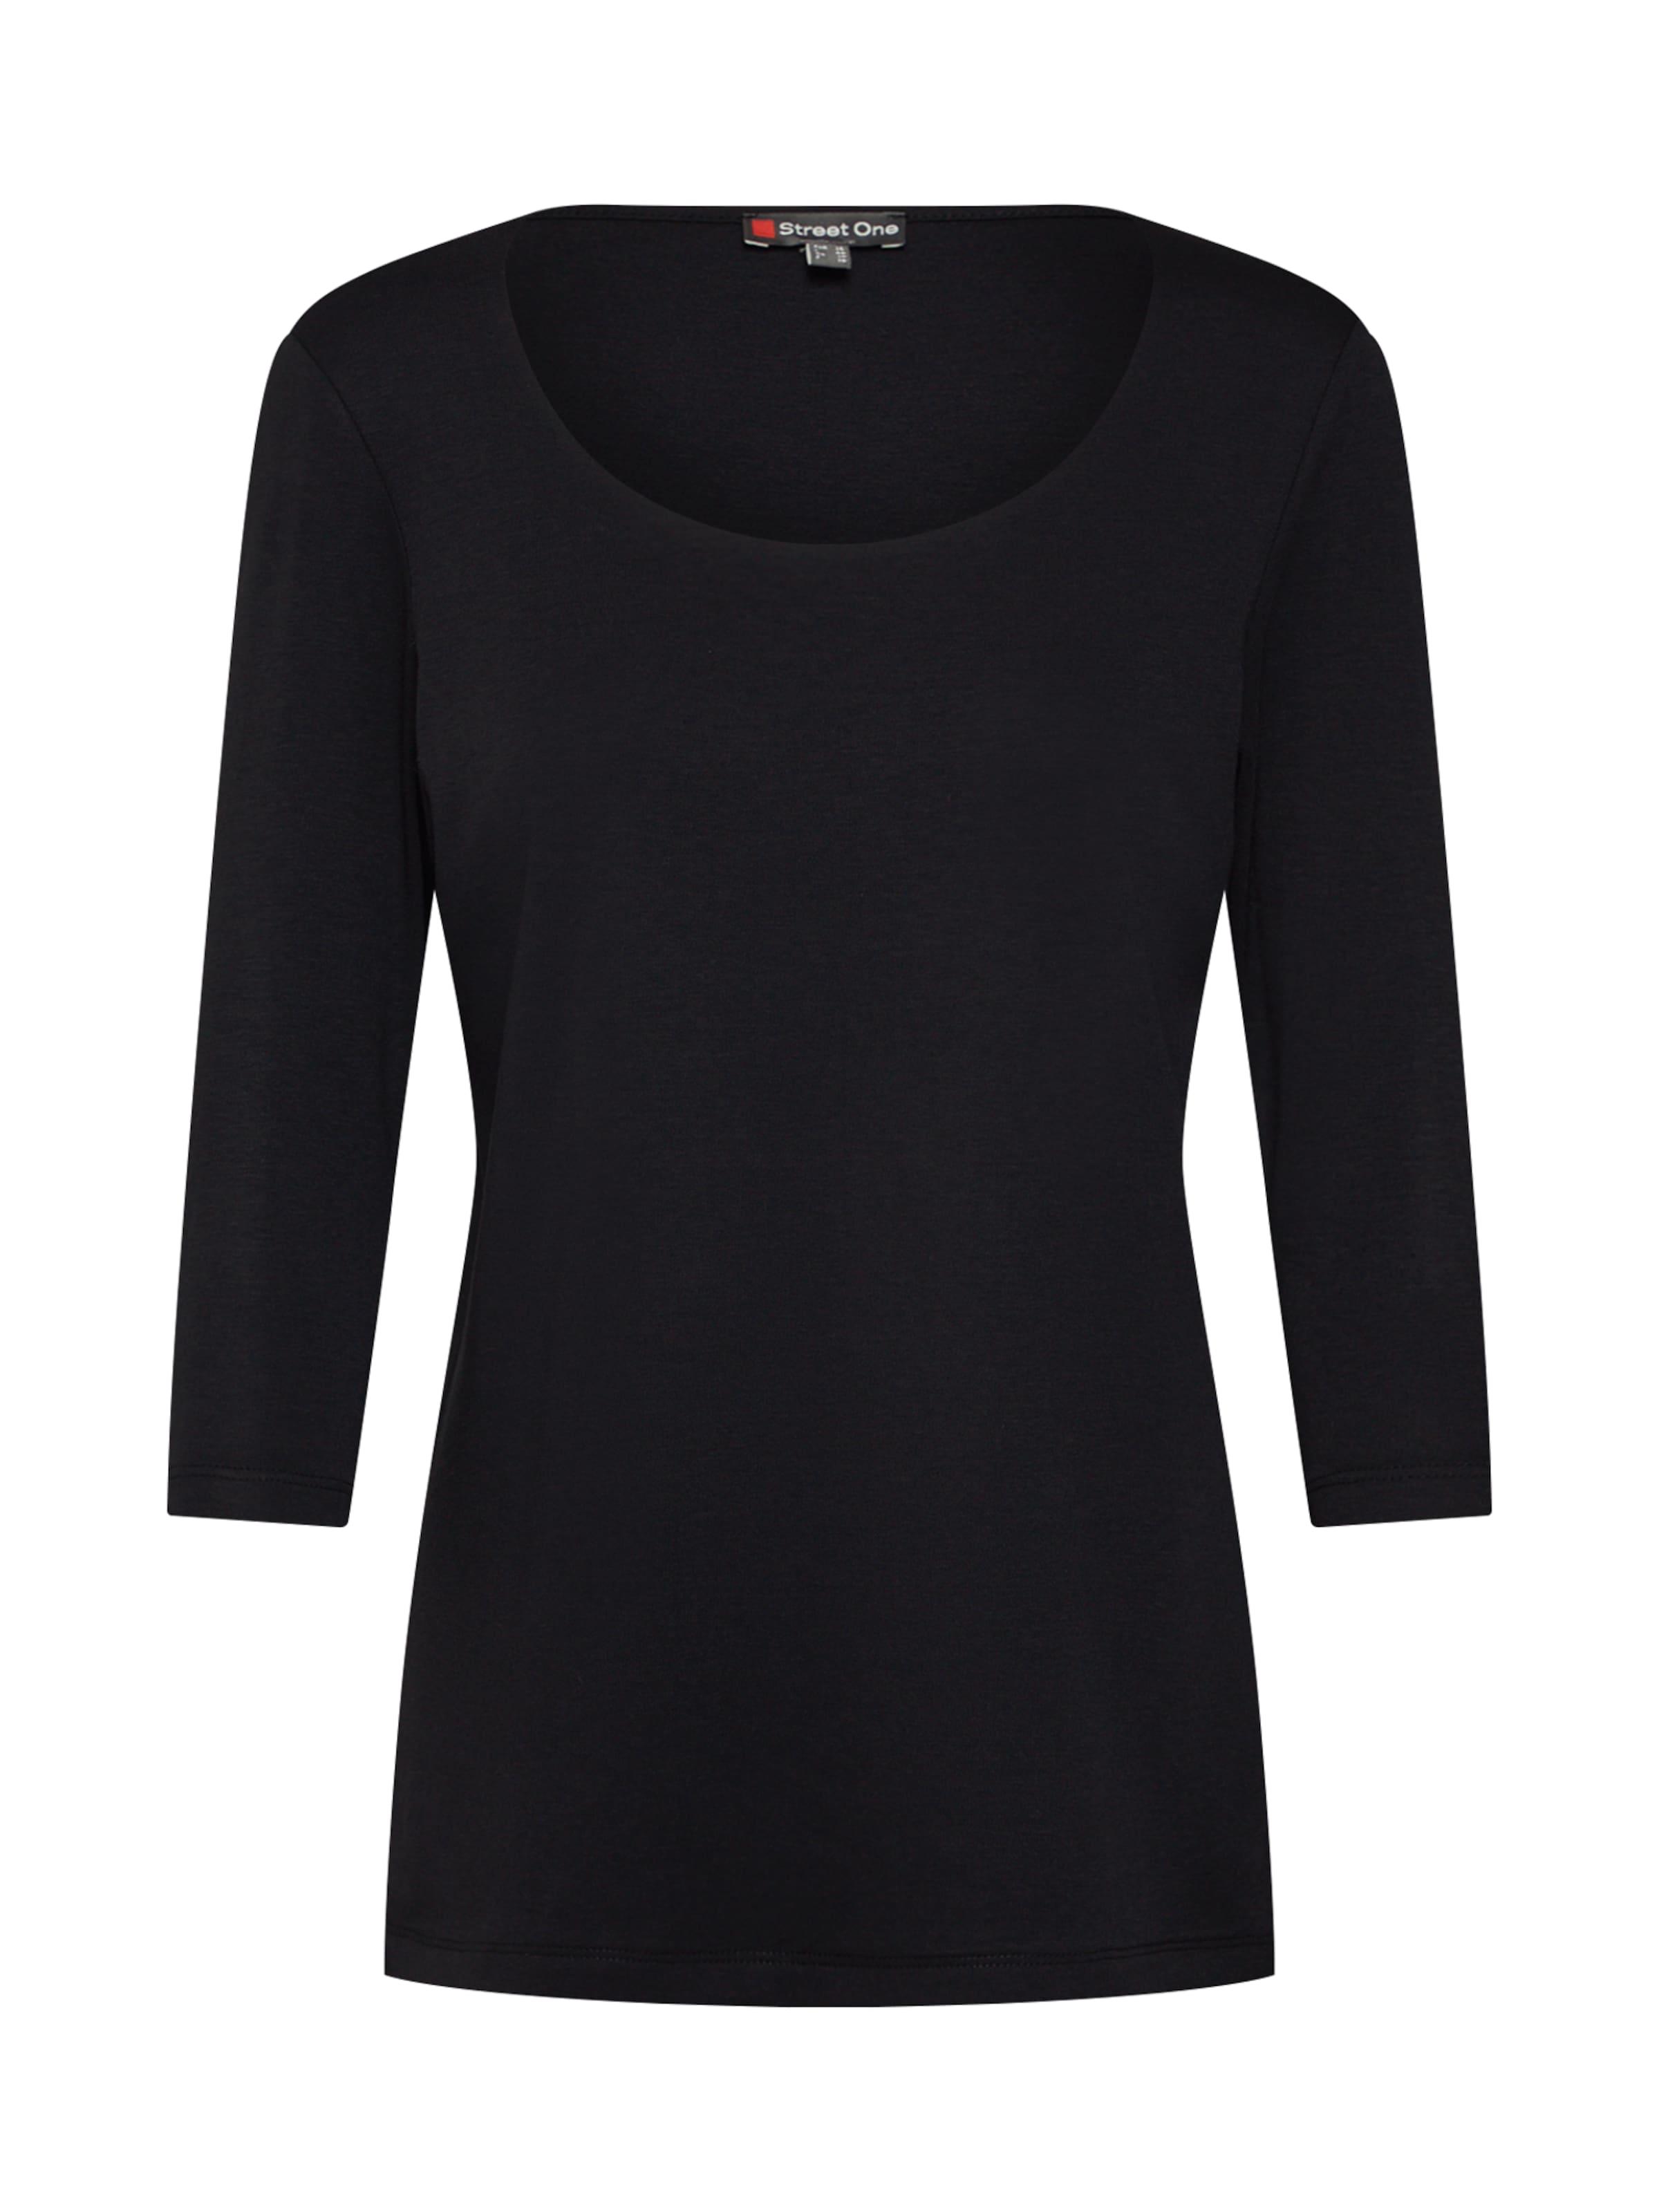 shirt Pania' En Noir T Street One 'qr CoxdBe